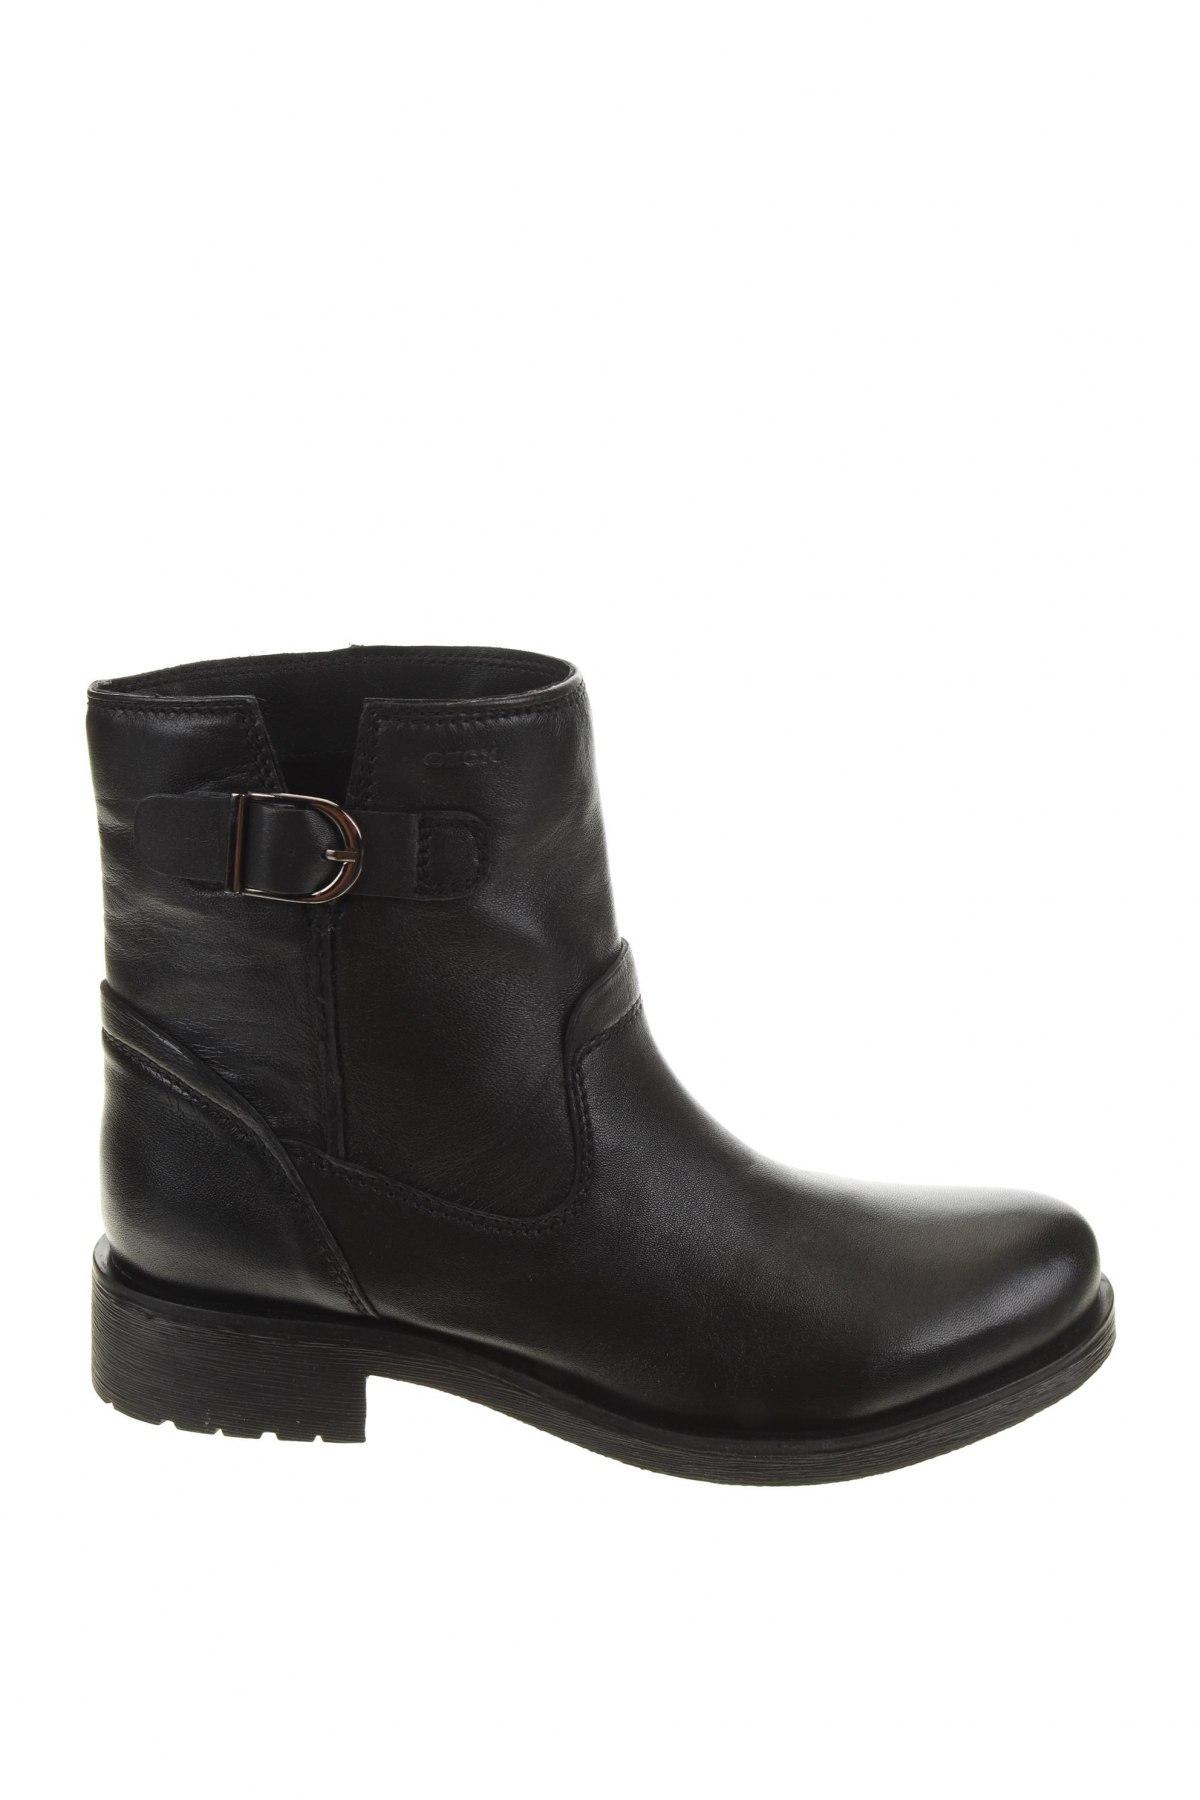 Дамски боти Geox, Размер 39, Цвят Черен, Естествена кожа, Цена 189,00лв.